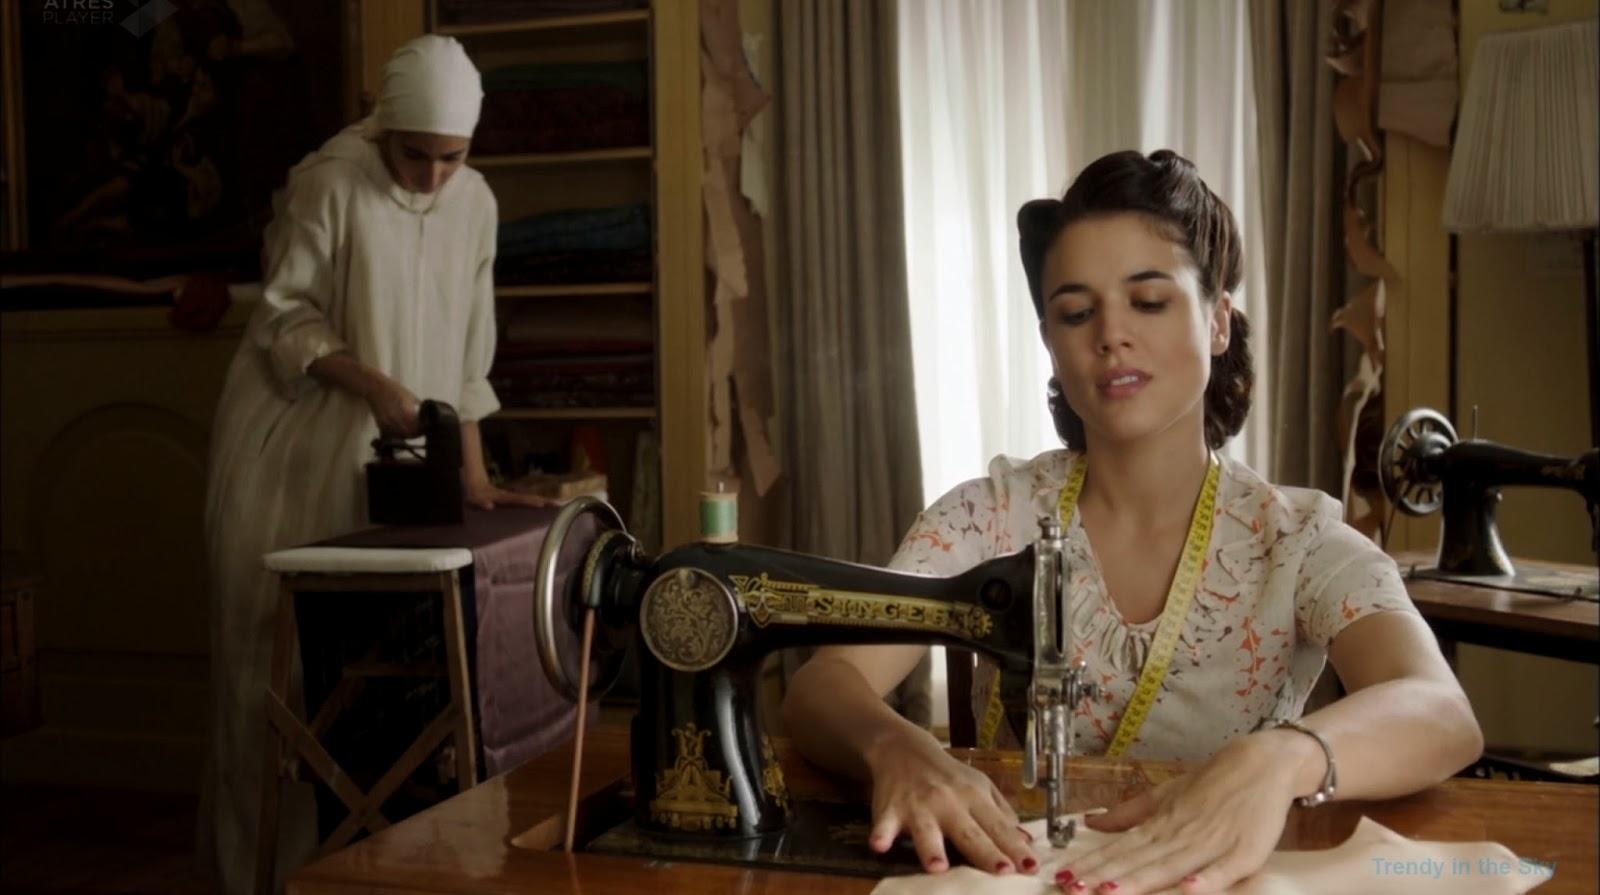 el-tiempo-entre-costuras-maquina-coser-singer.jpg